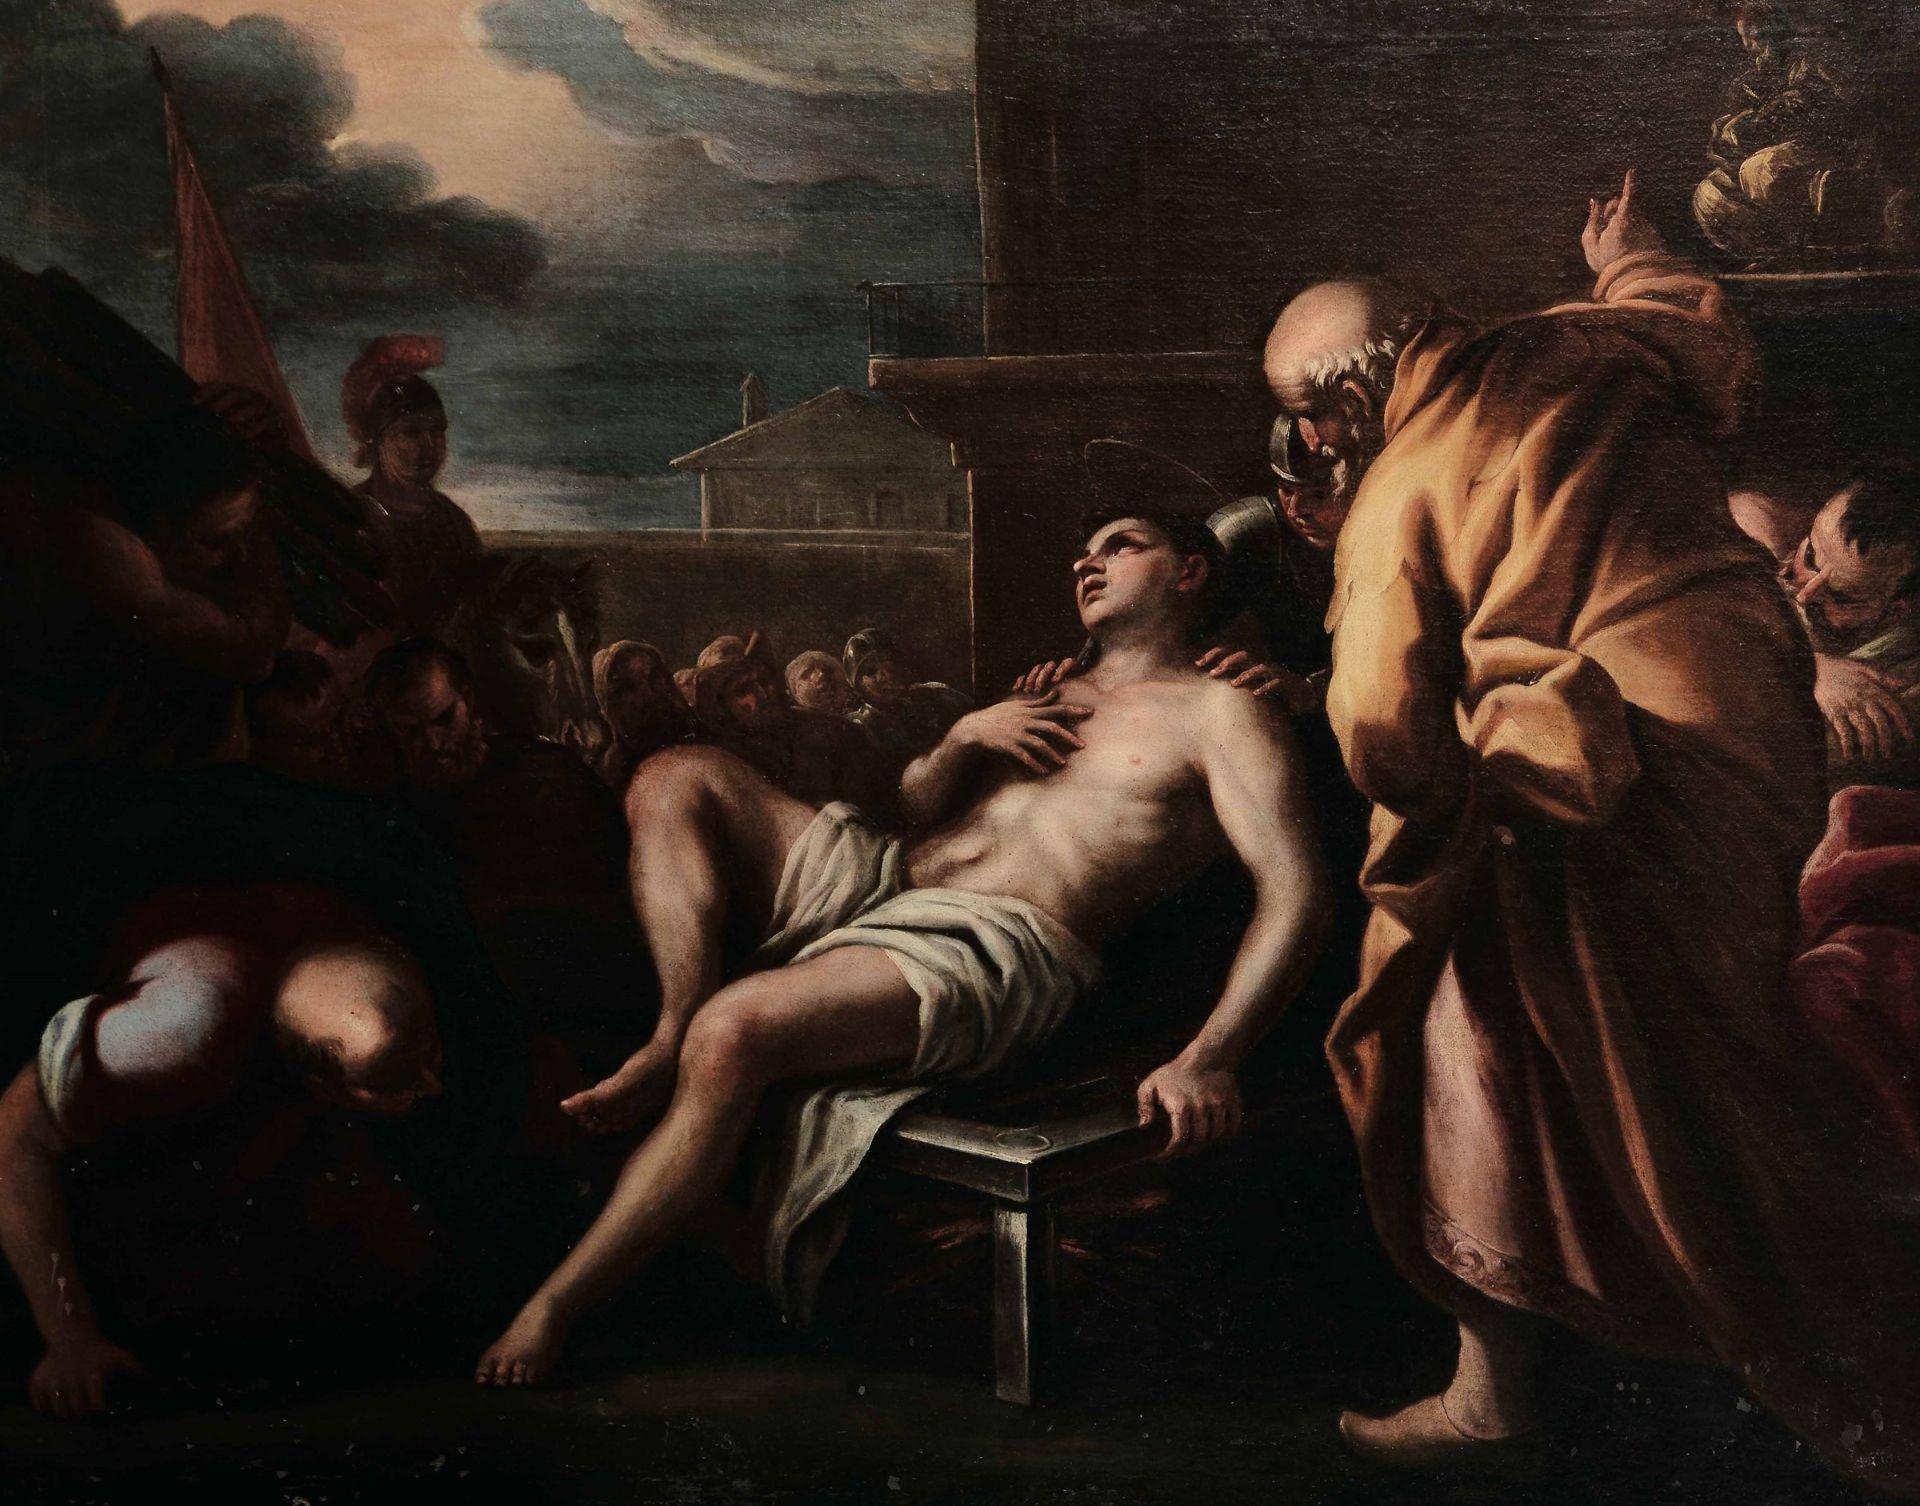 Los 51 - Scuola napoletana del XVII secolo, Martirio di San Lorenzo - olio su tela, cm 102x129 -